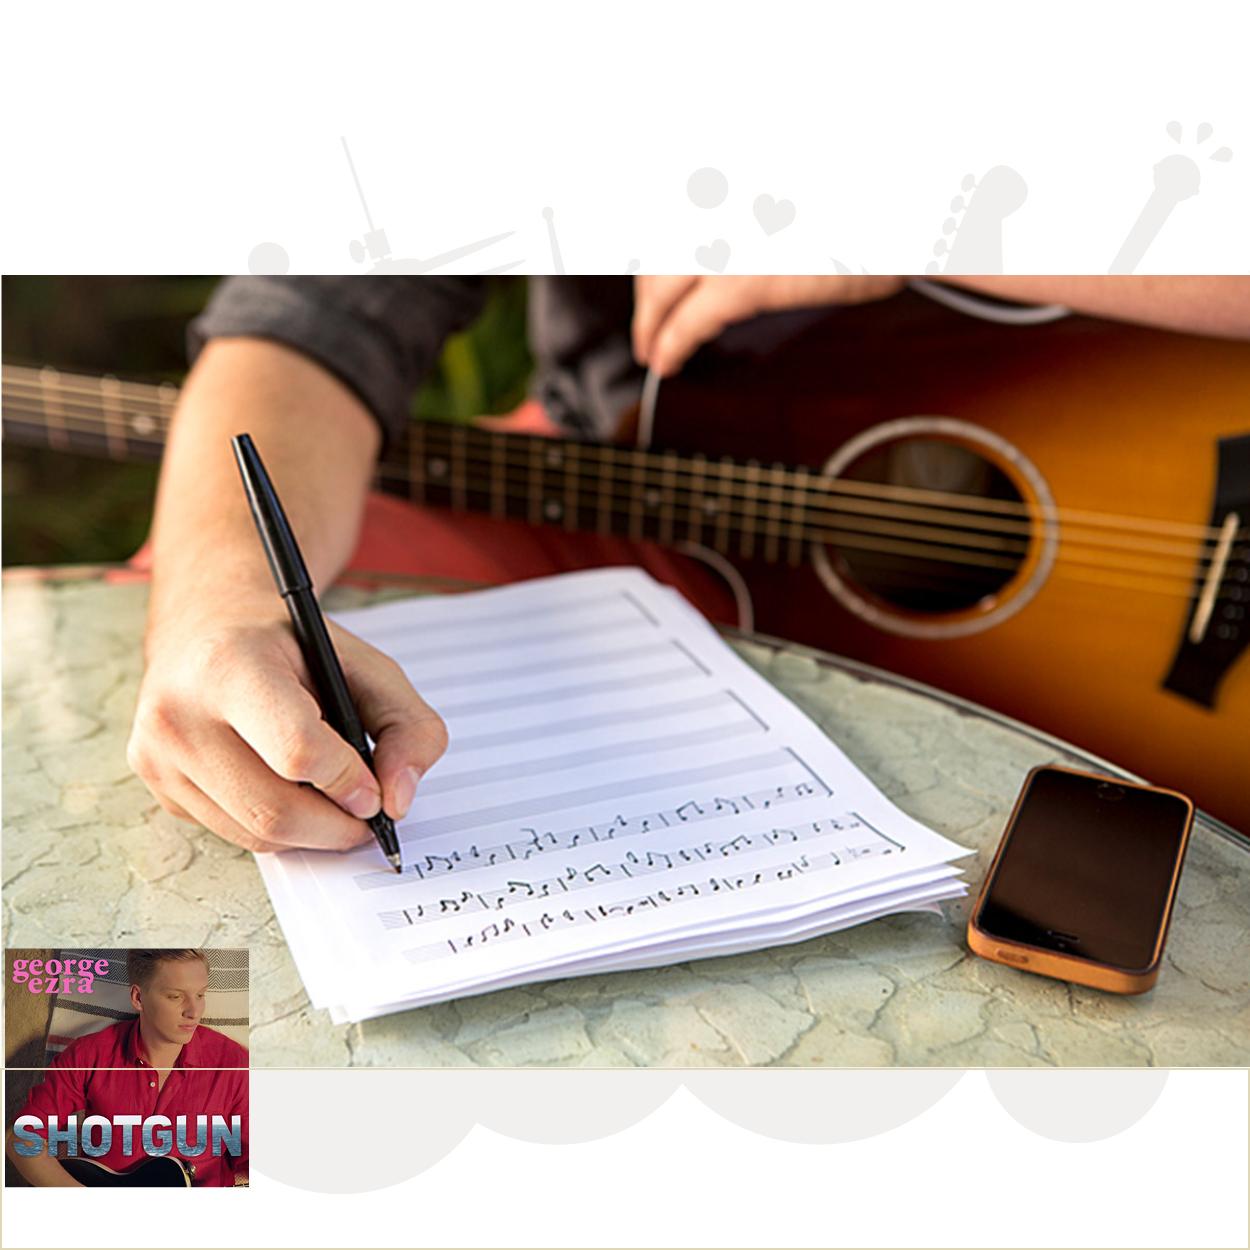 Sangskrivning/komposition/arrangement - rundt om Shotgun